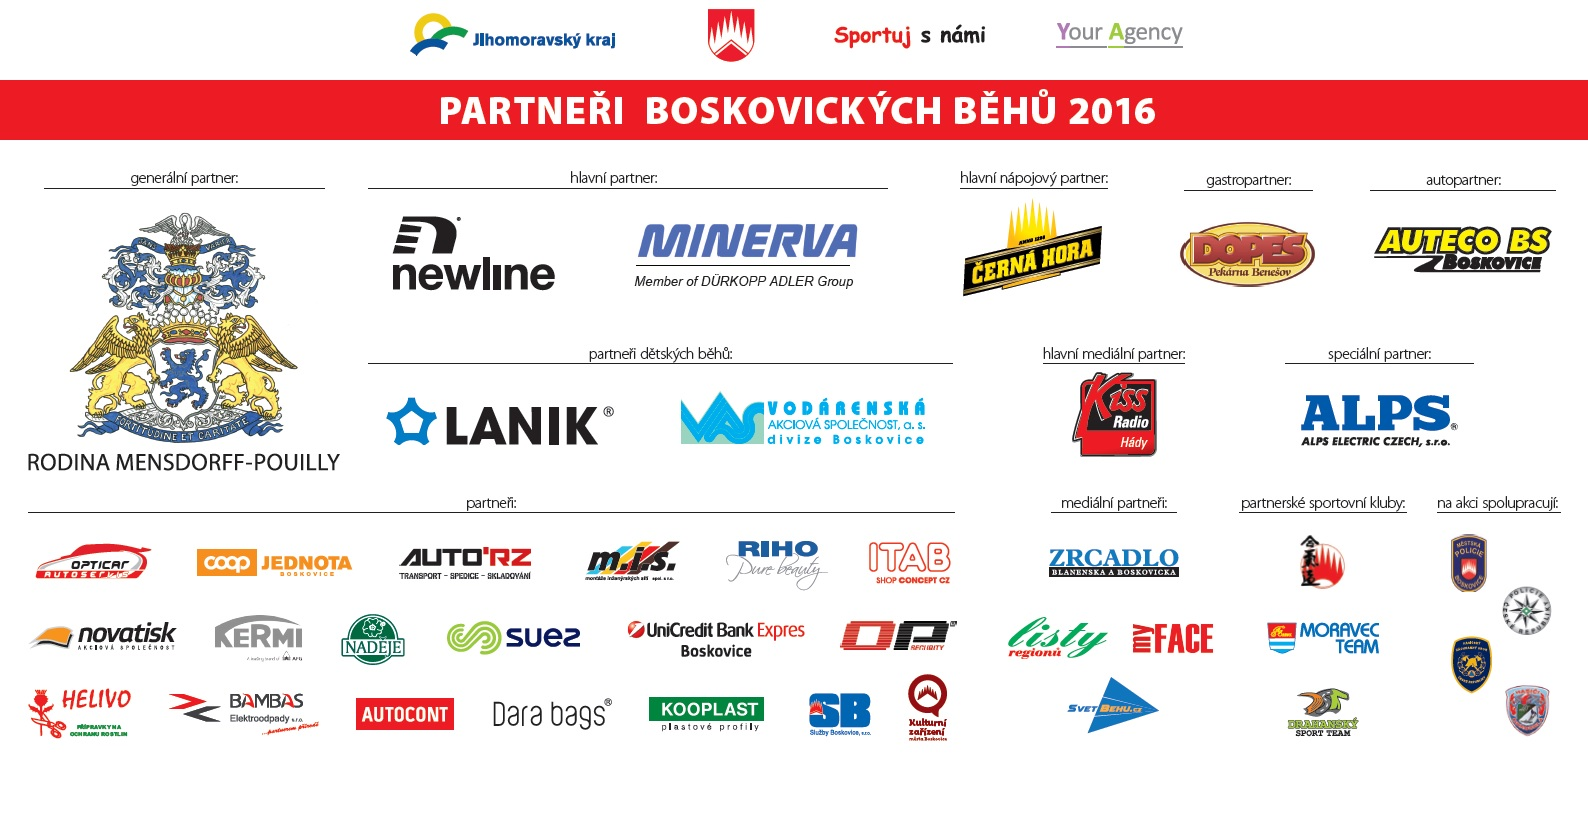 Partneři Boskovických běhů 2016